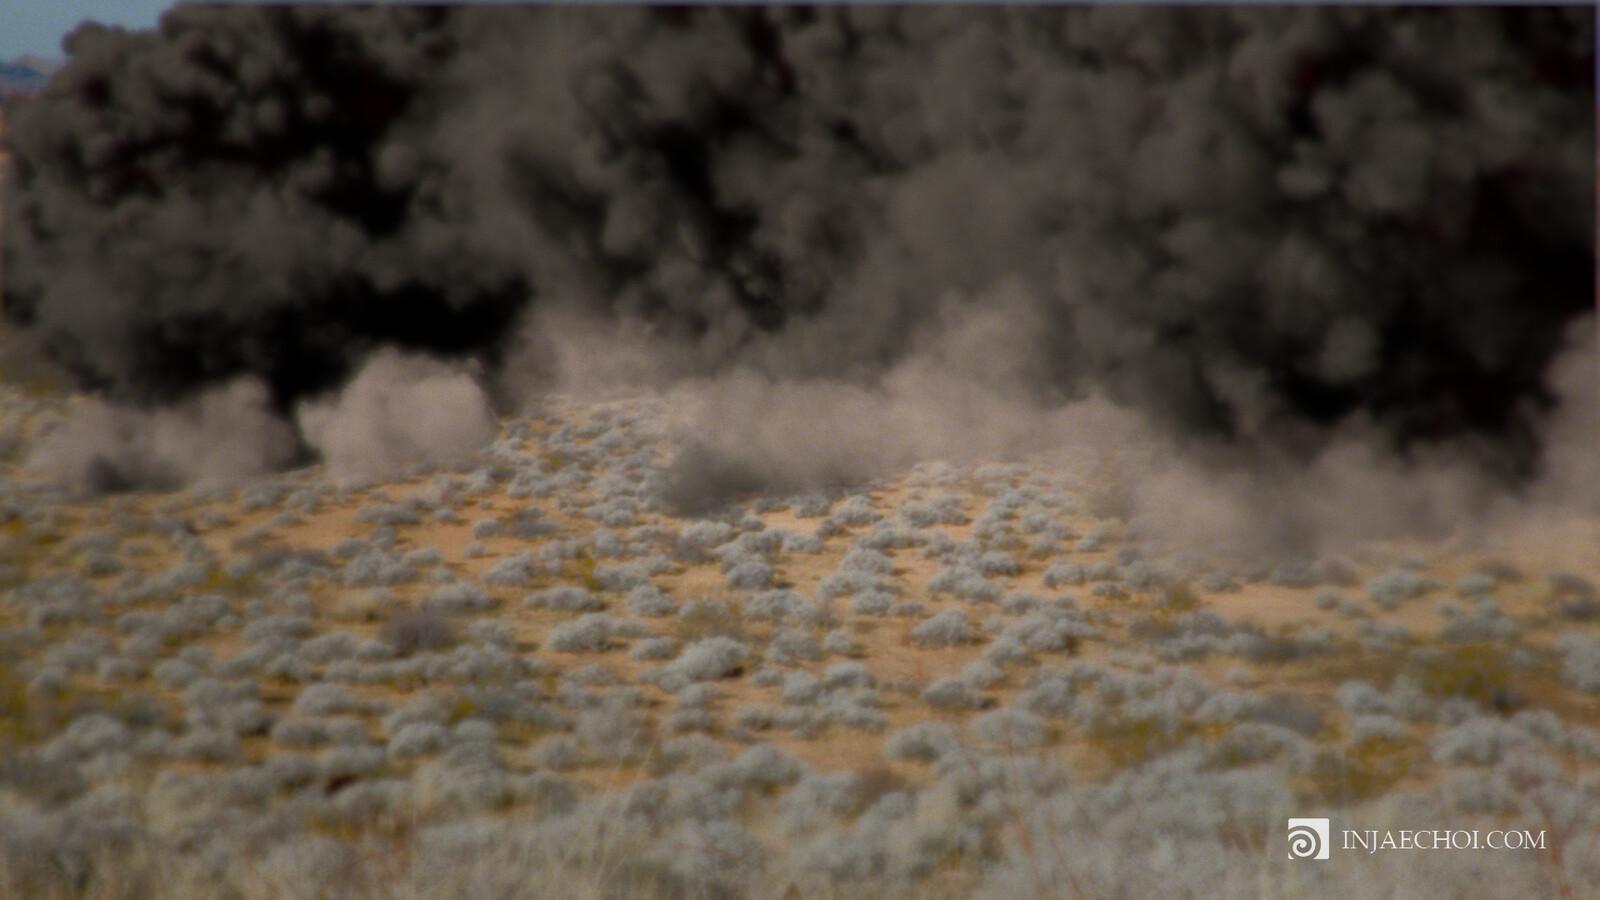 Explosion RND 004